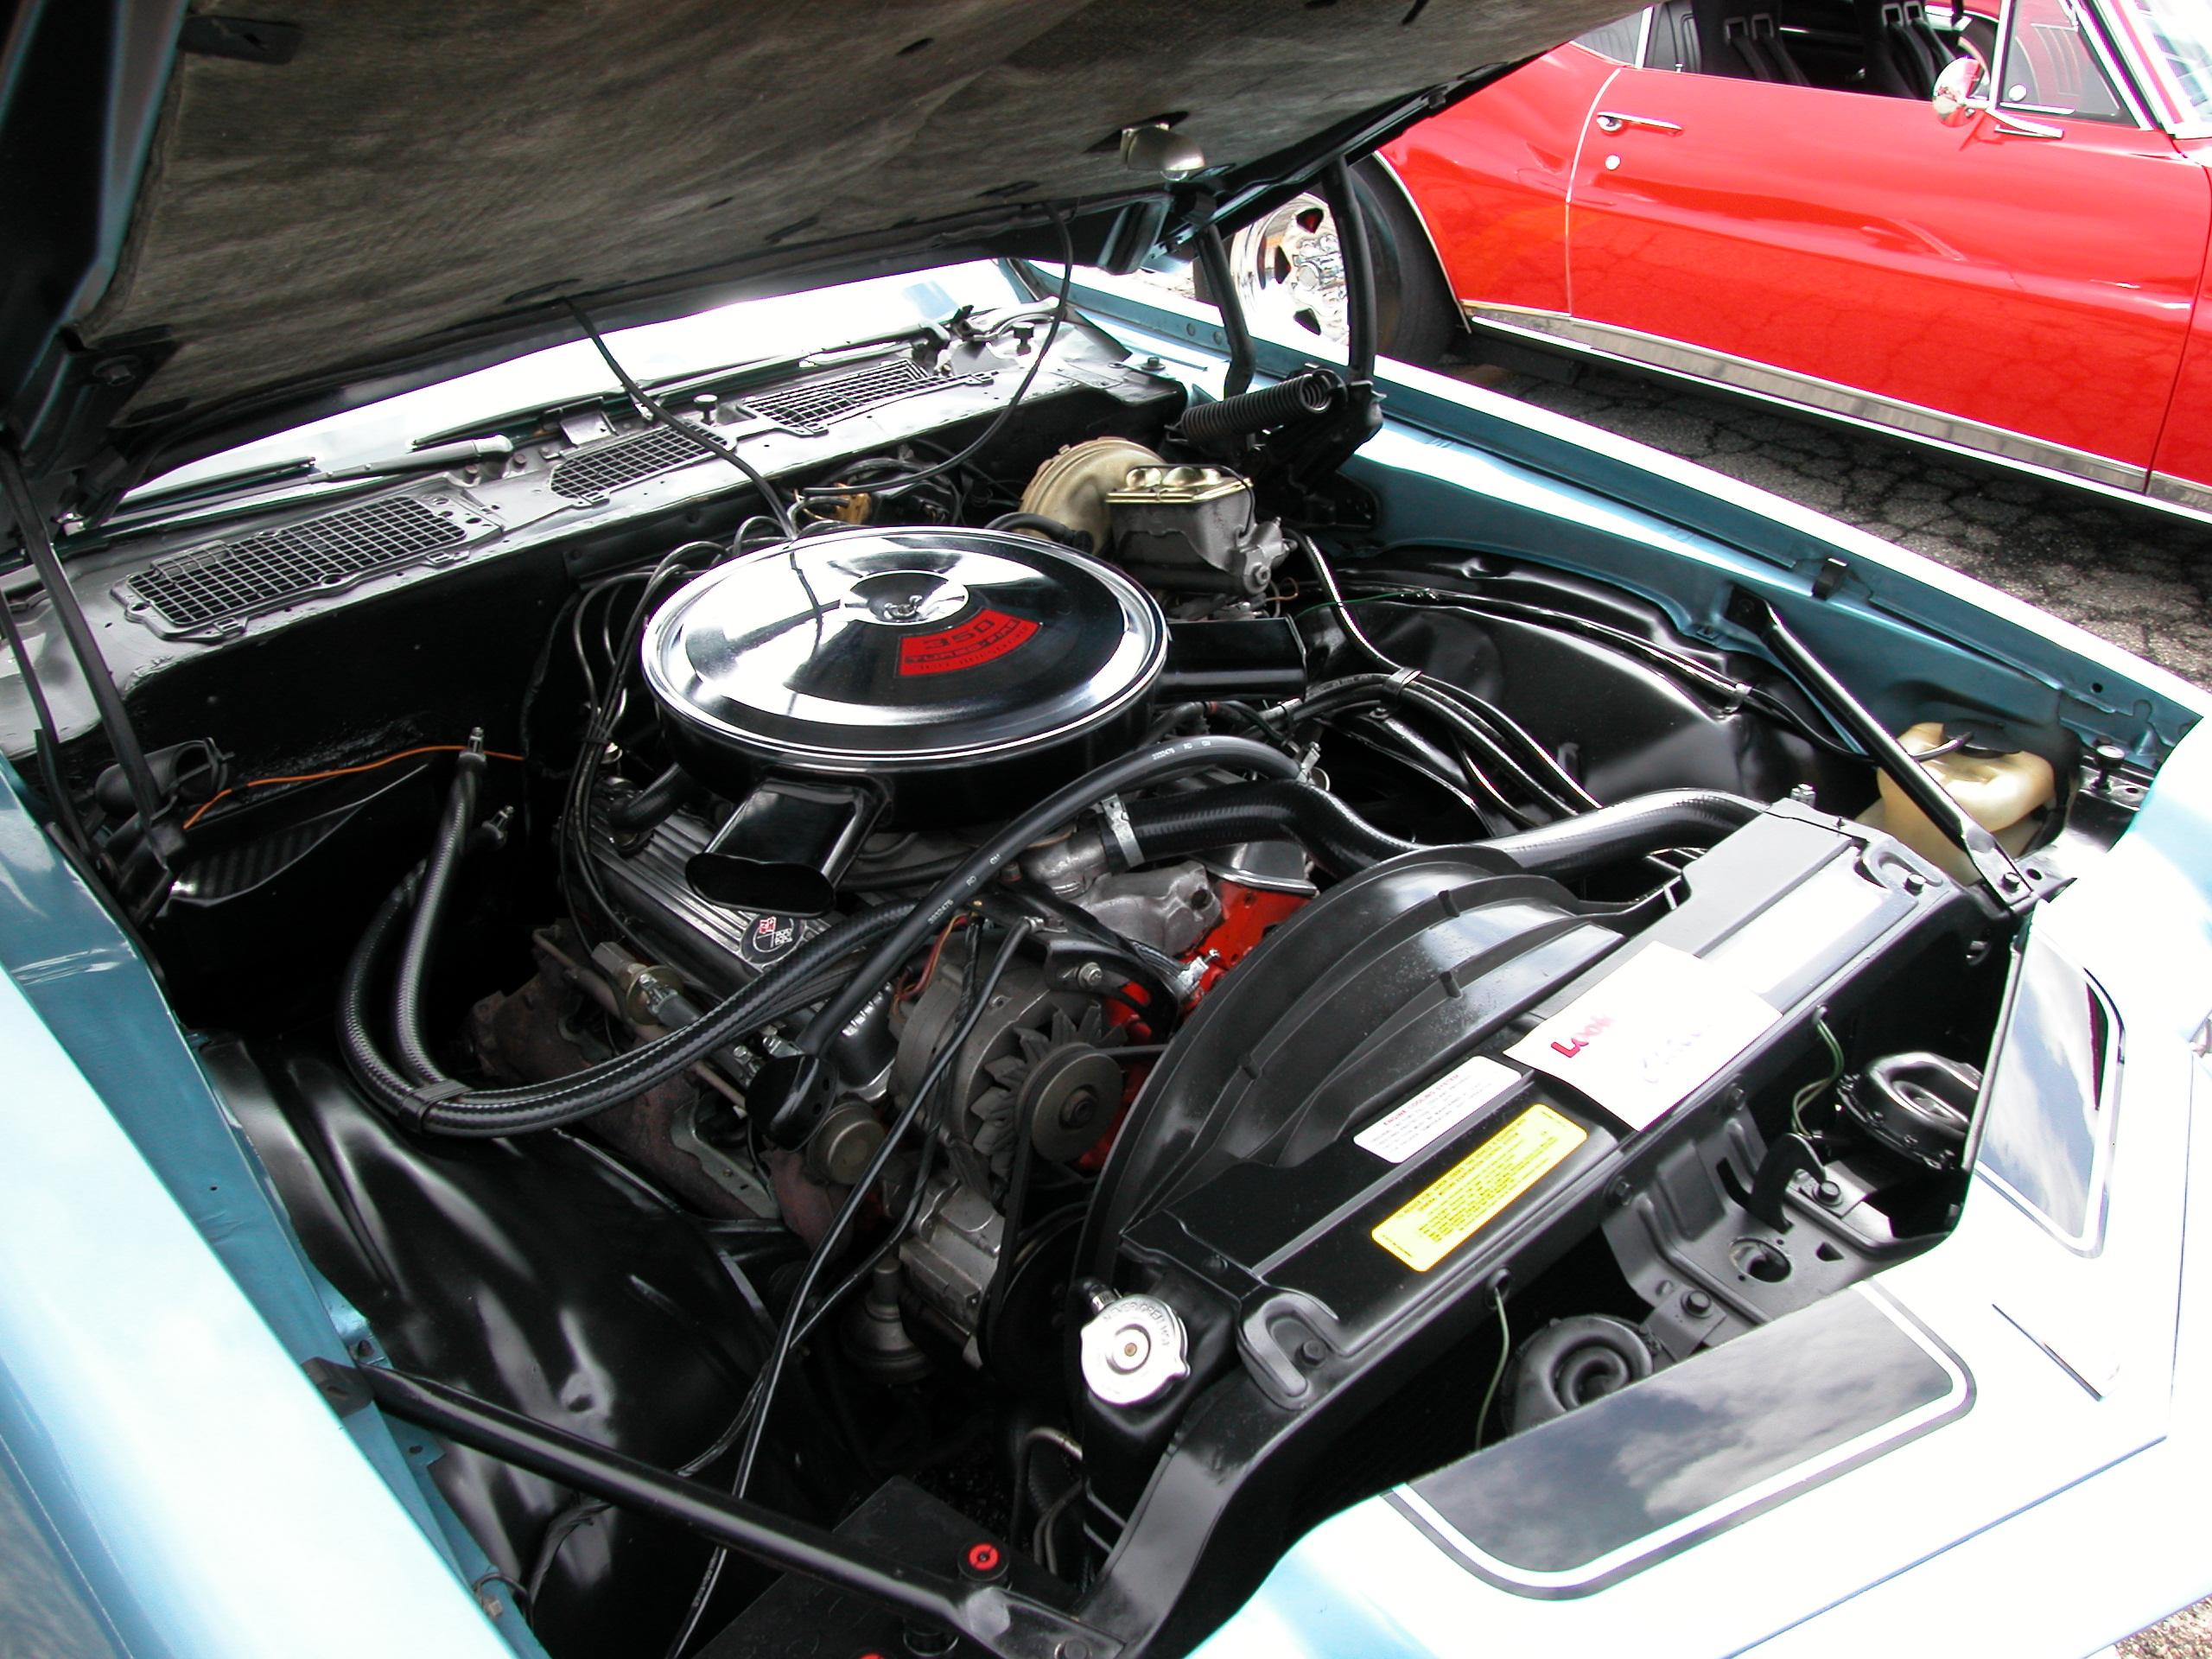 1970 Corvette Engine Wiring Diagram